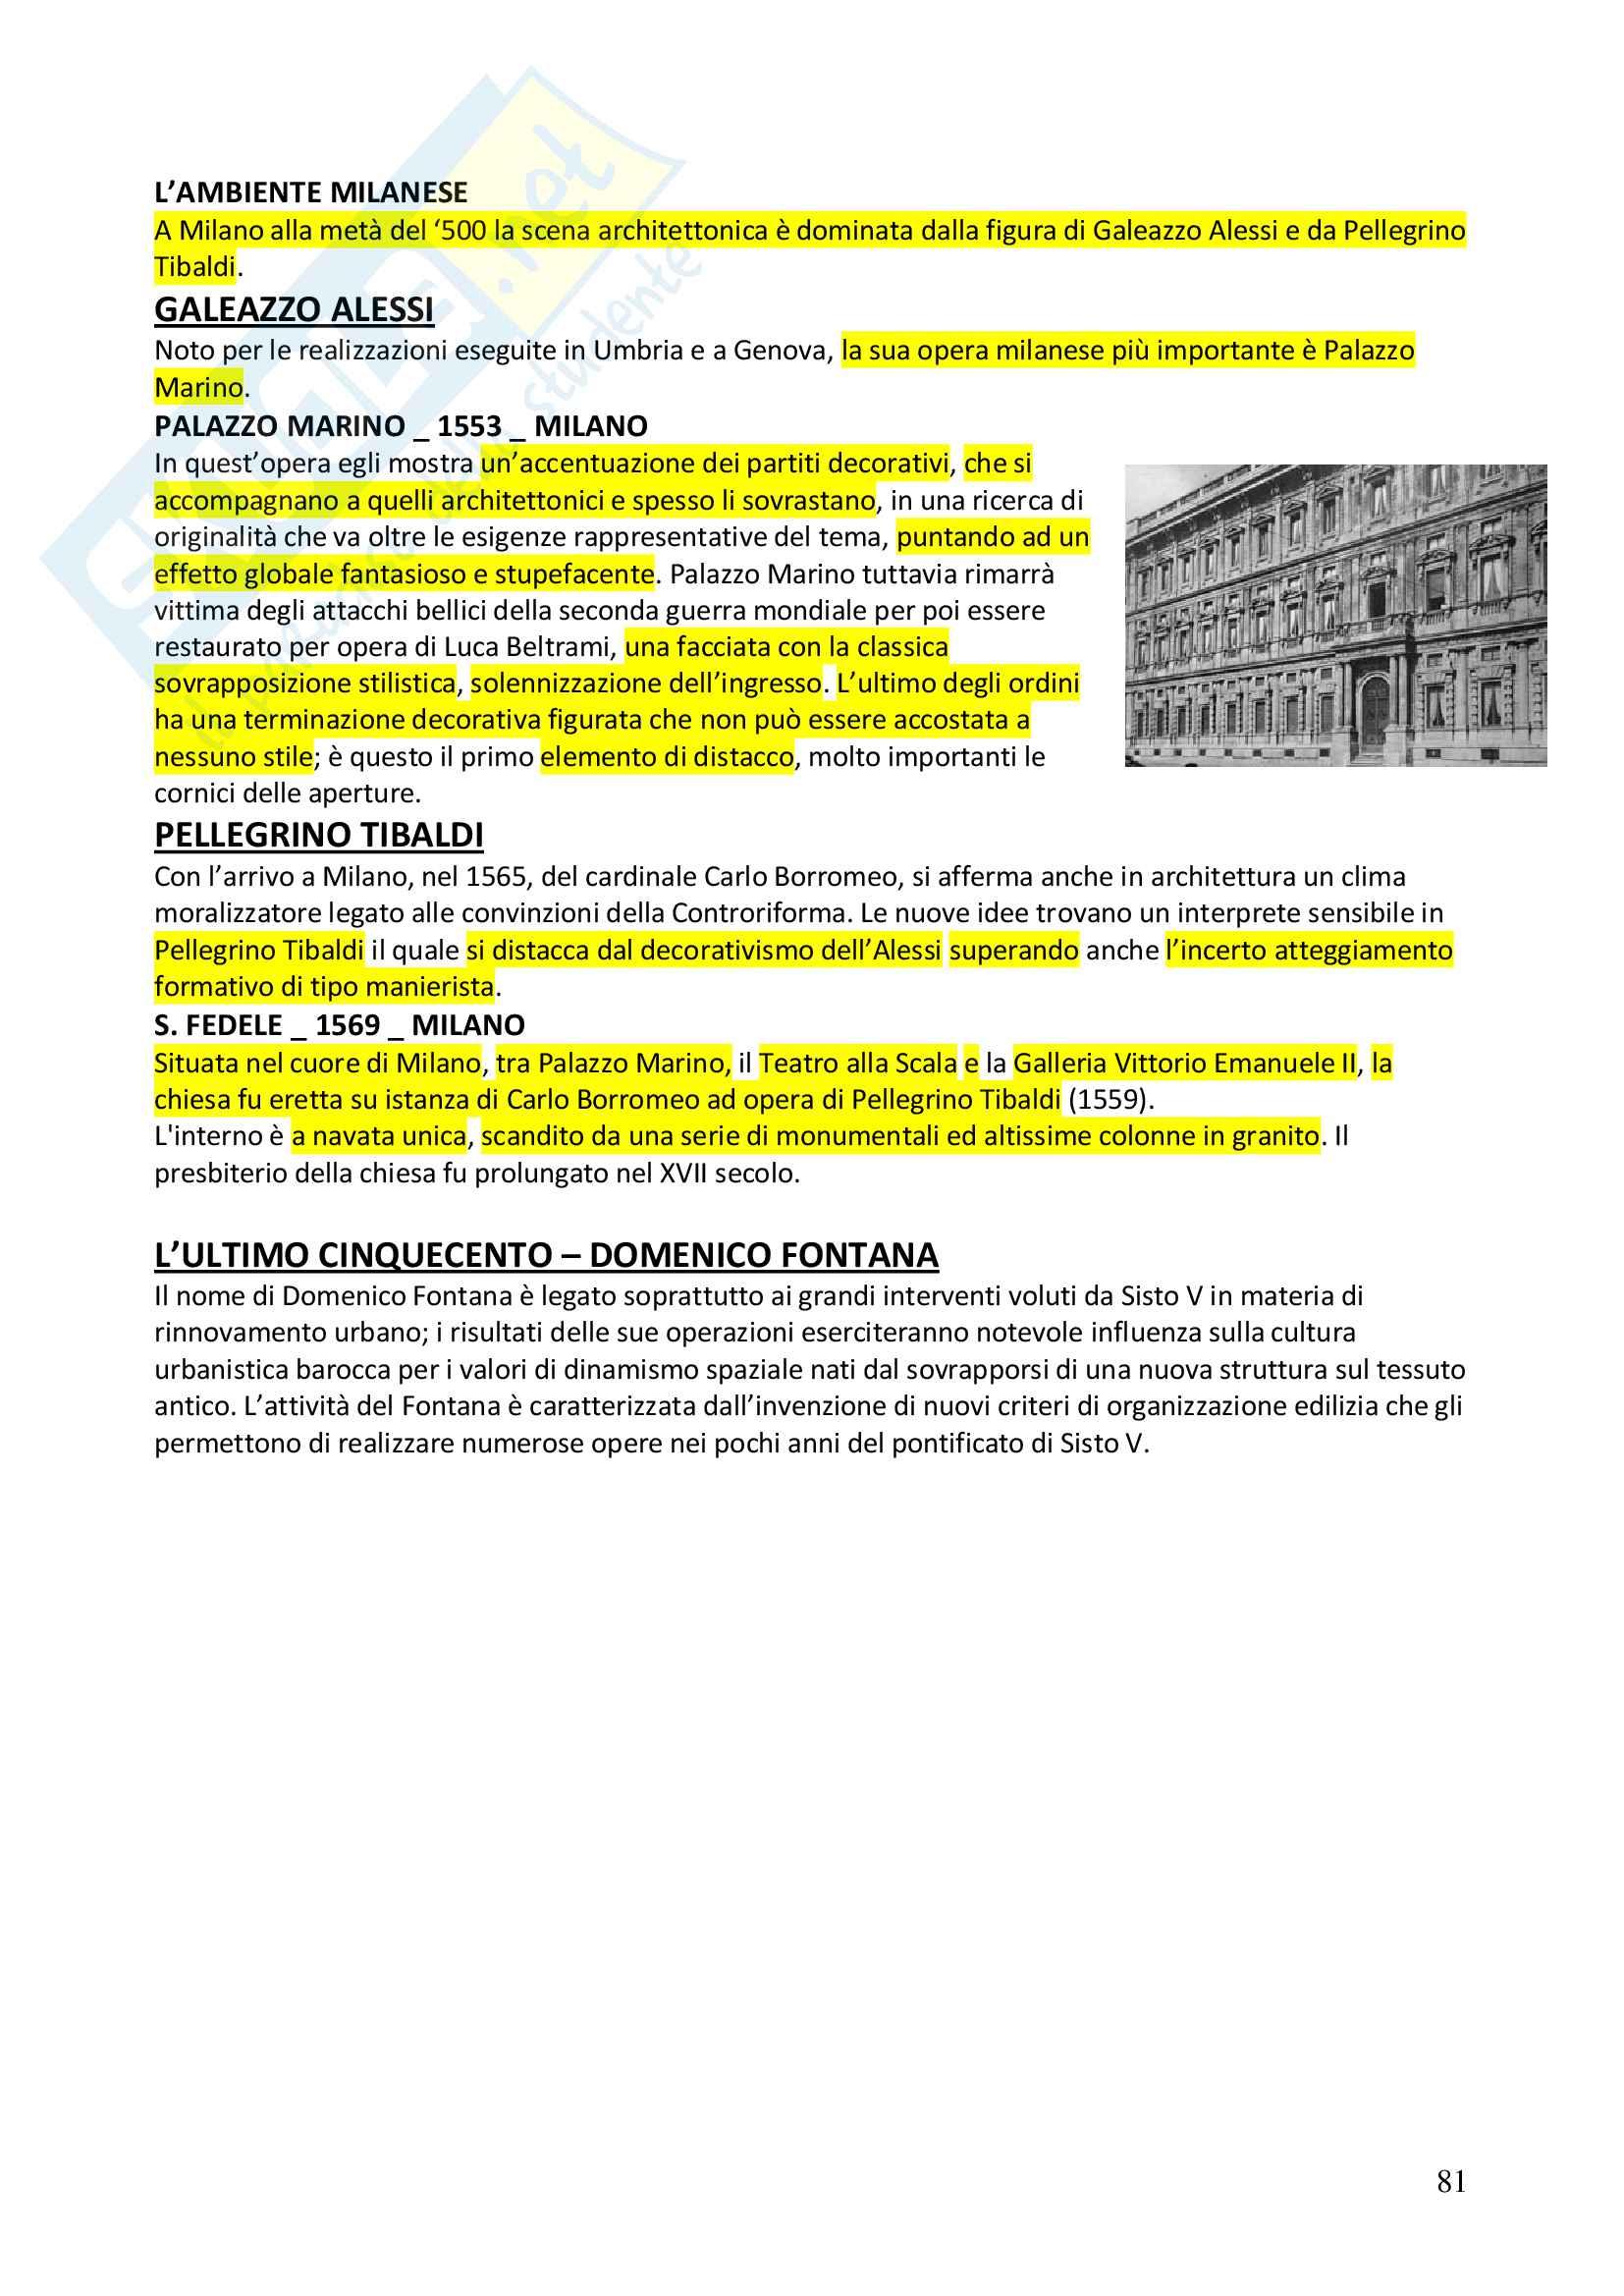 Appunti completi Storia dell'architettura 1+ Immagini Pag. 81